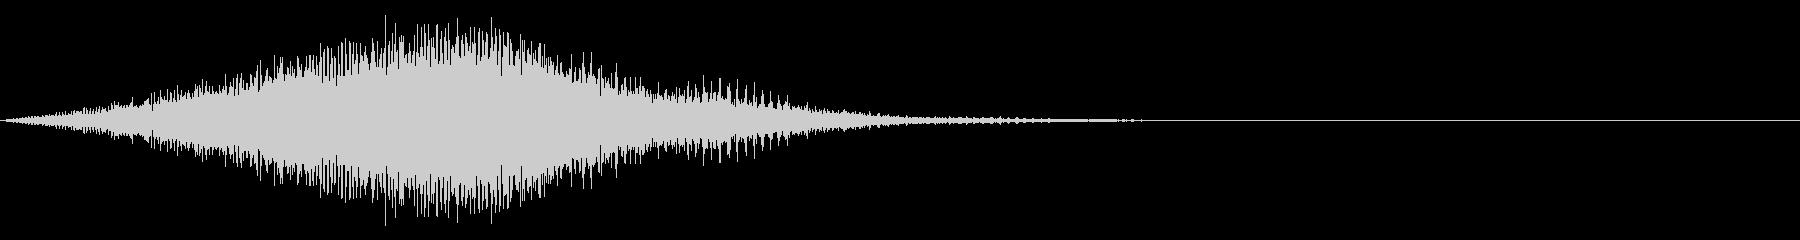 【昭和特撮風】化学反応/ワープの音 2の未再生の波形